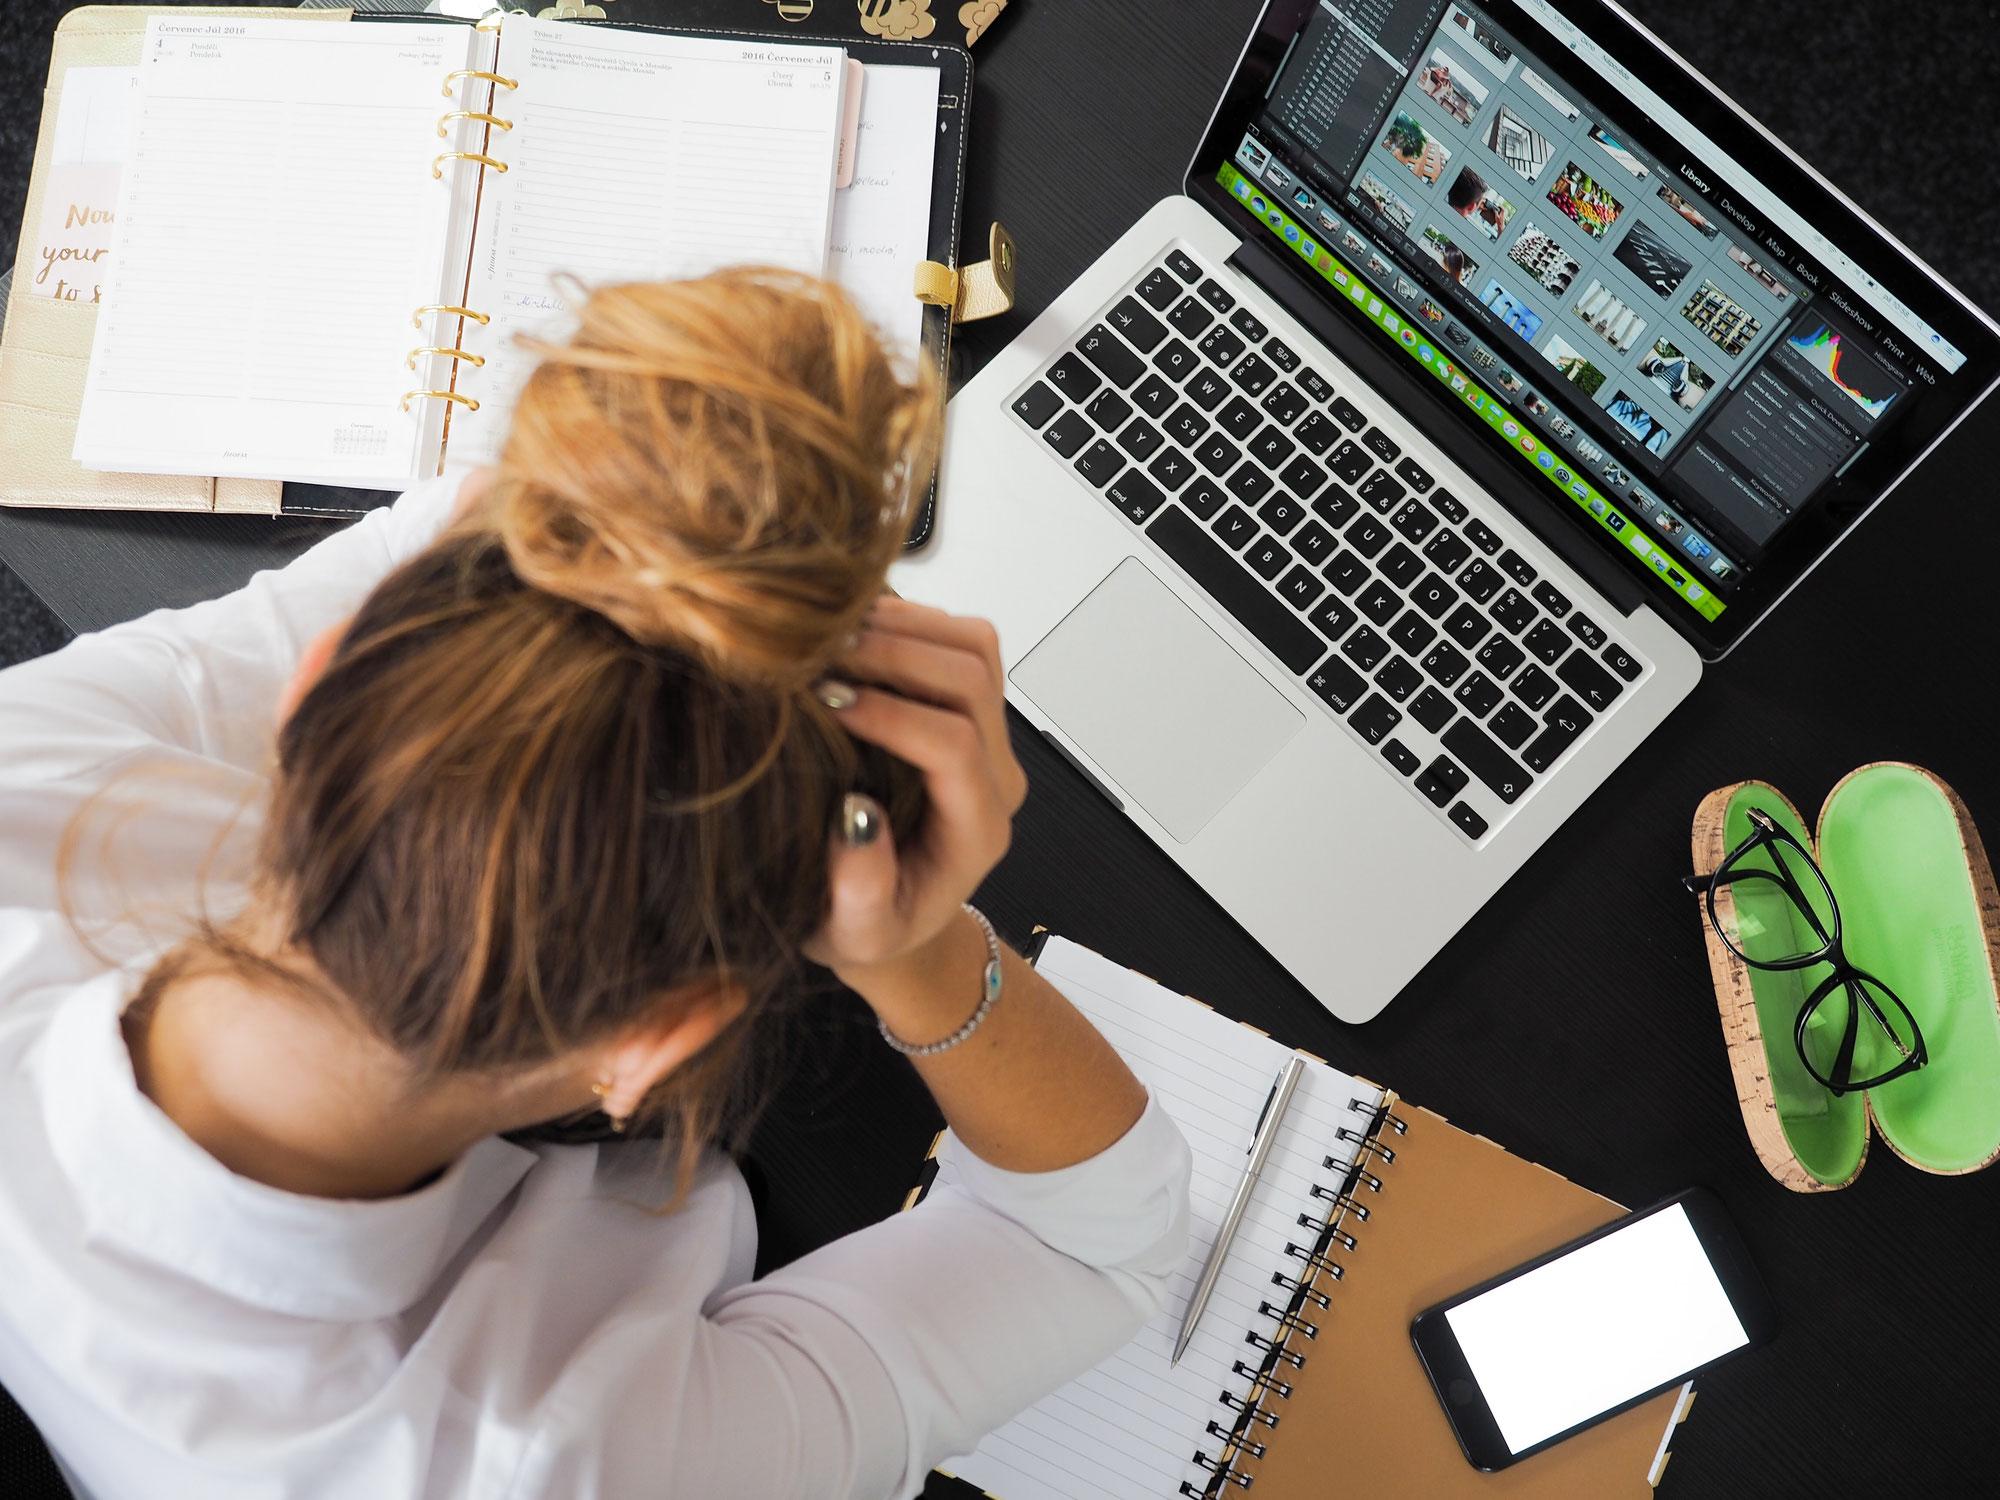 Pourquoi il ne faut pas négliger le lien social en entreprise?